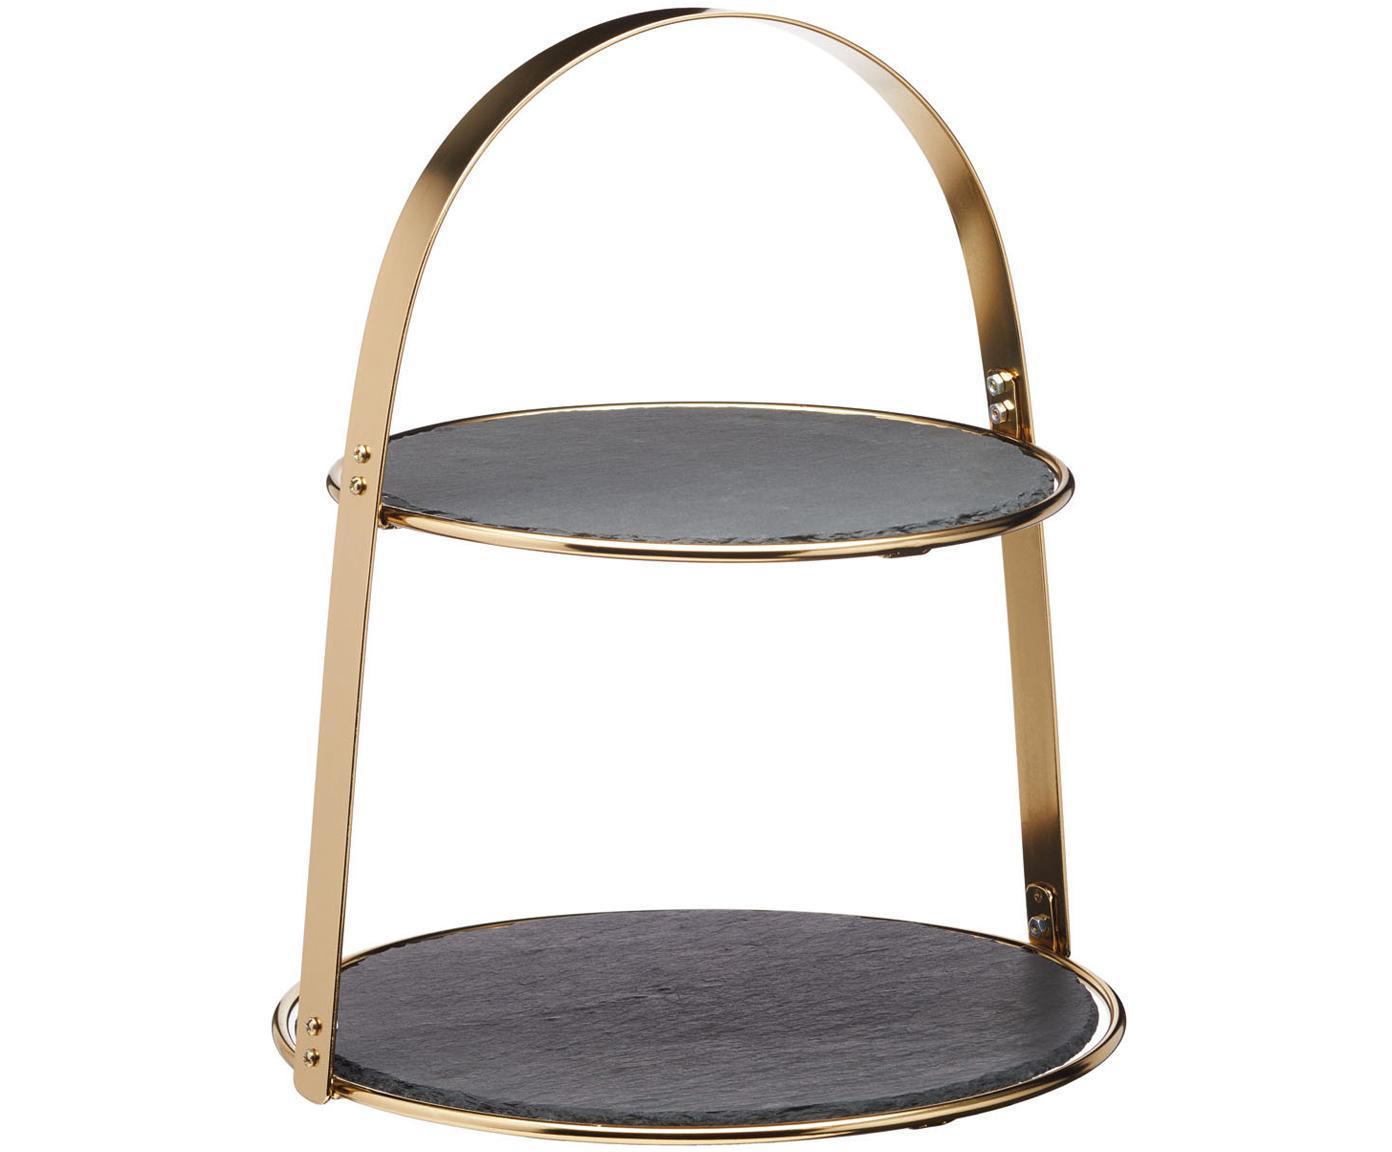 Servieretagere Artesa, Gestell: Metall, beschichtet, Goldfarben, Schwarz, Ø 30 x H 35 cm